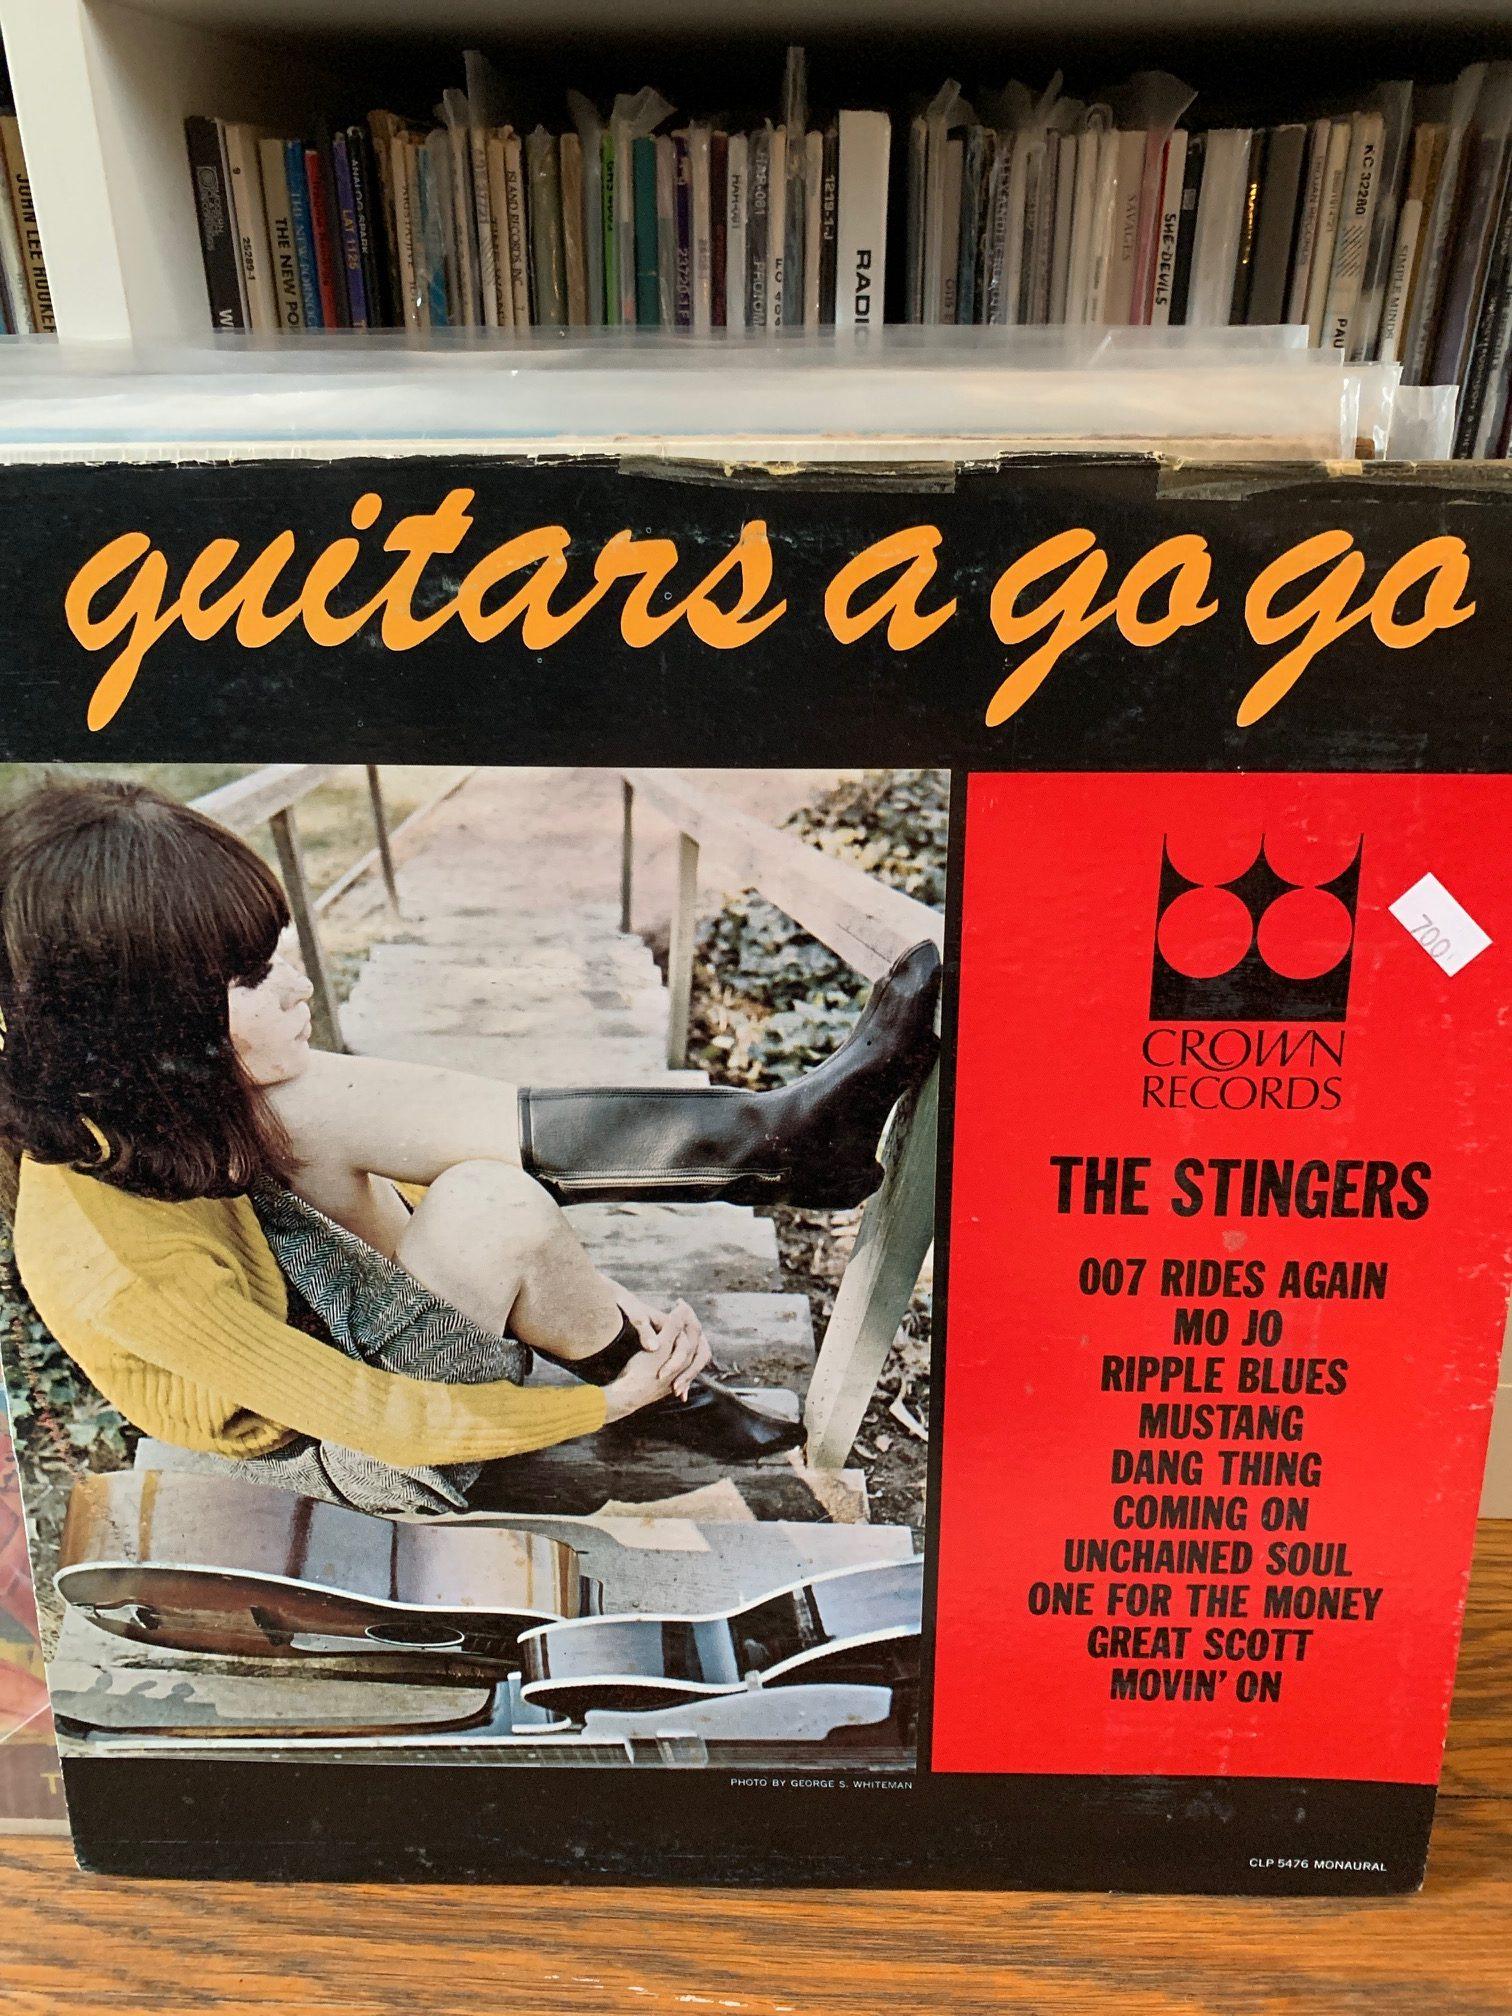 The Stingers - Guitars a Go Go